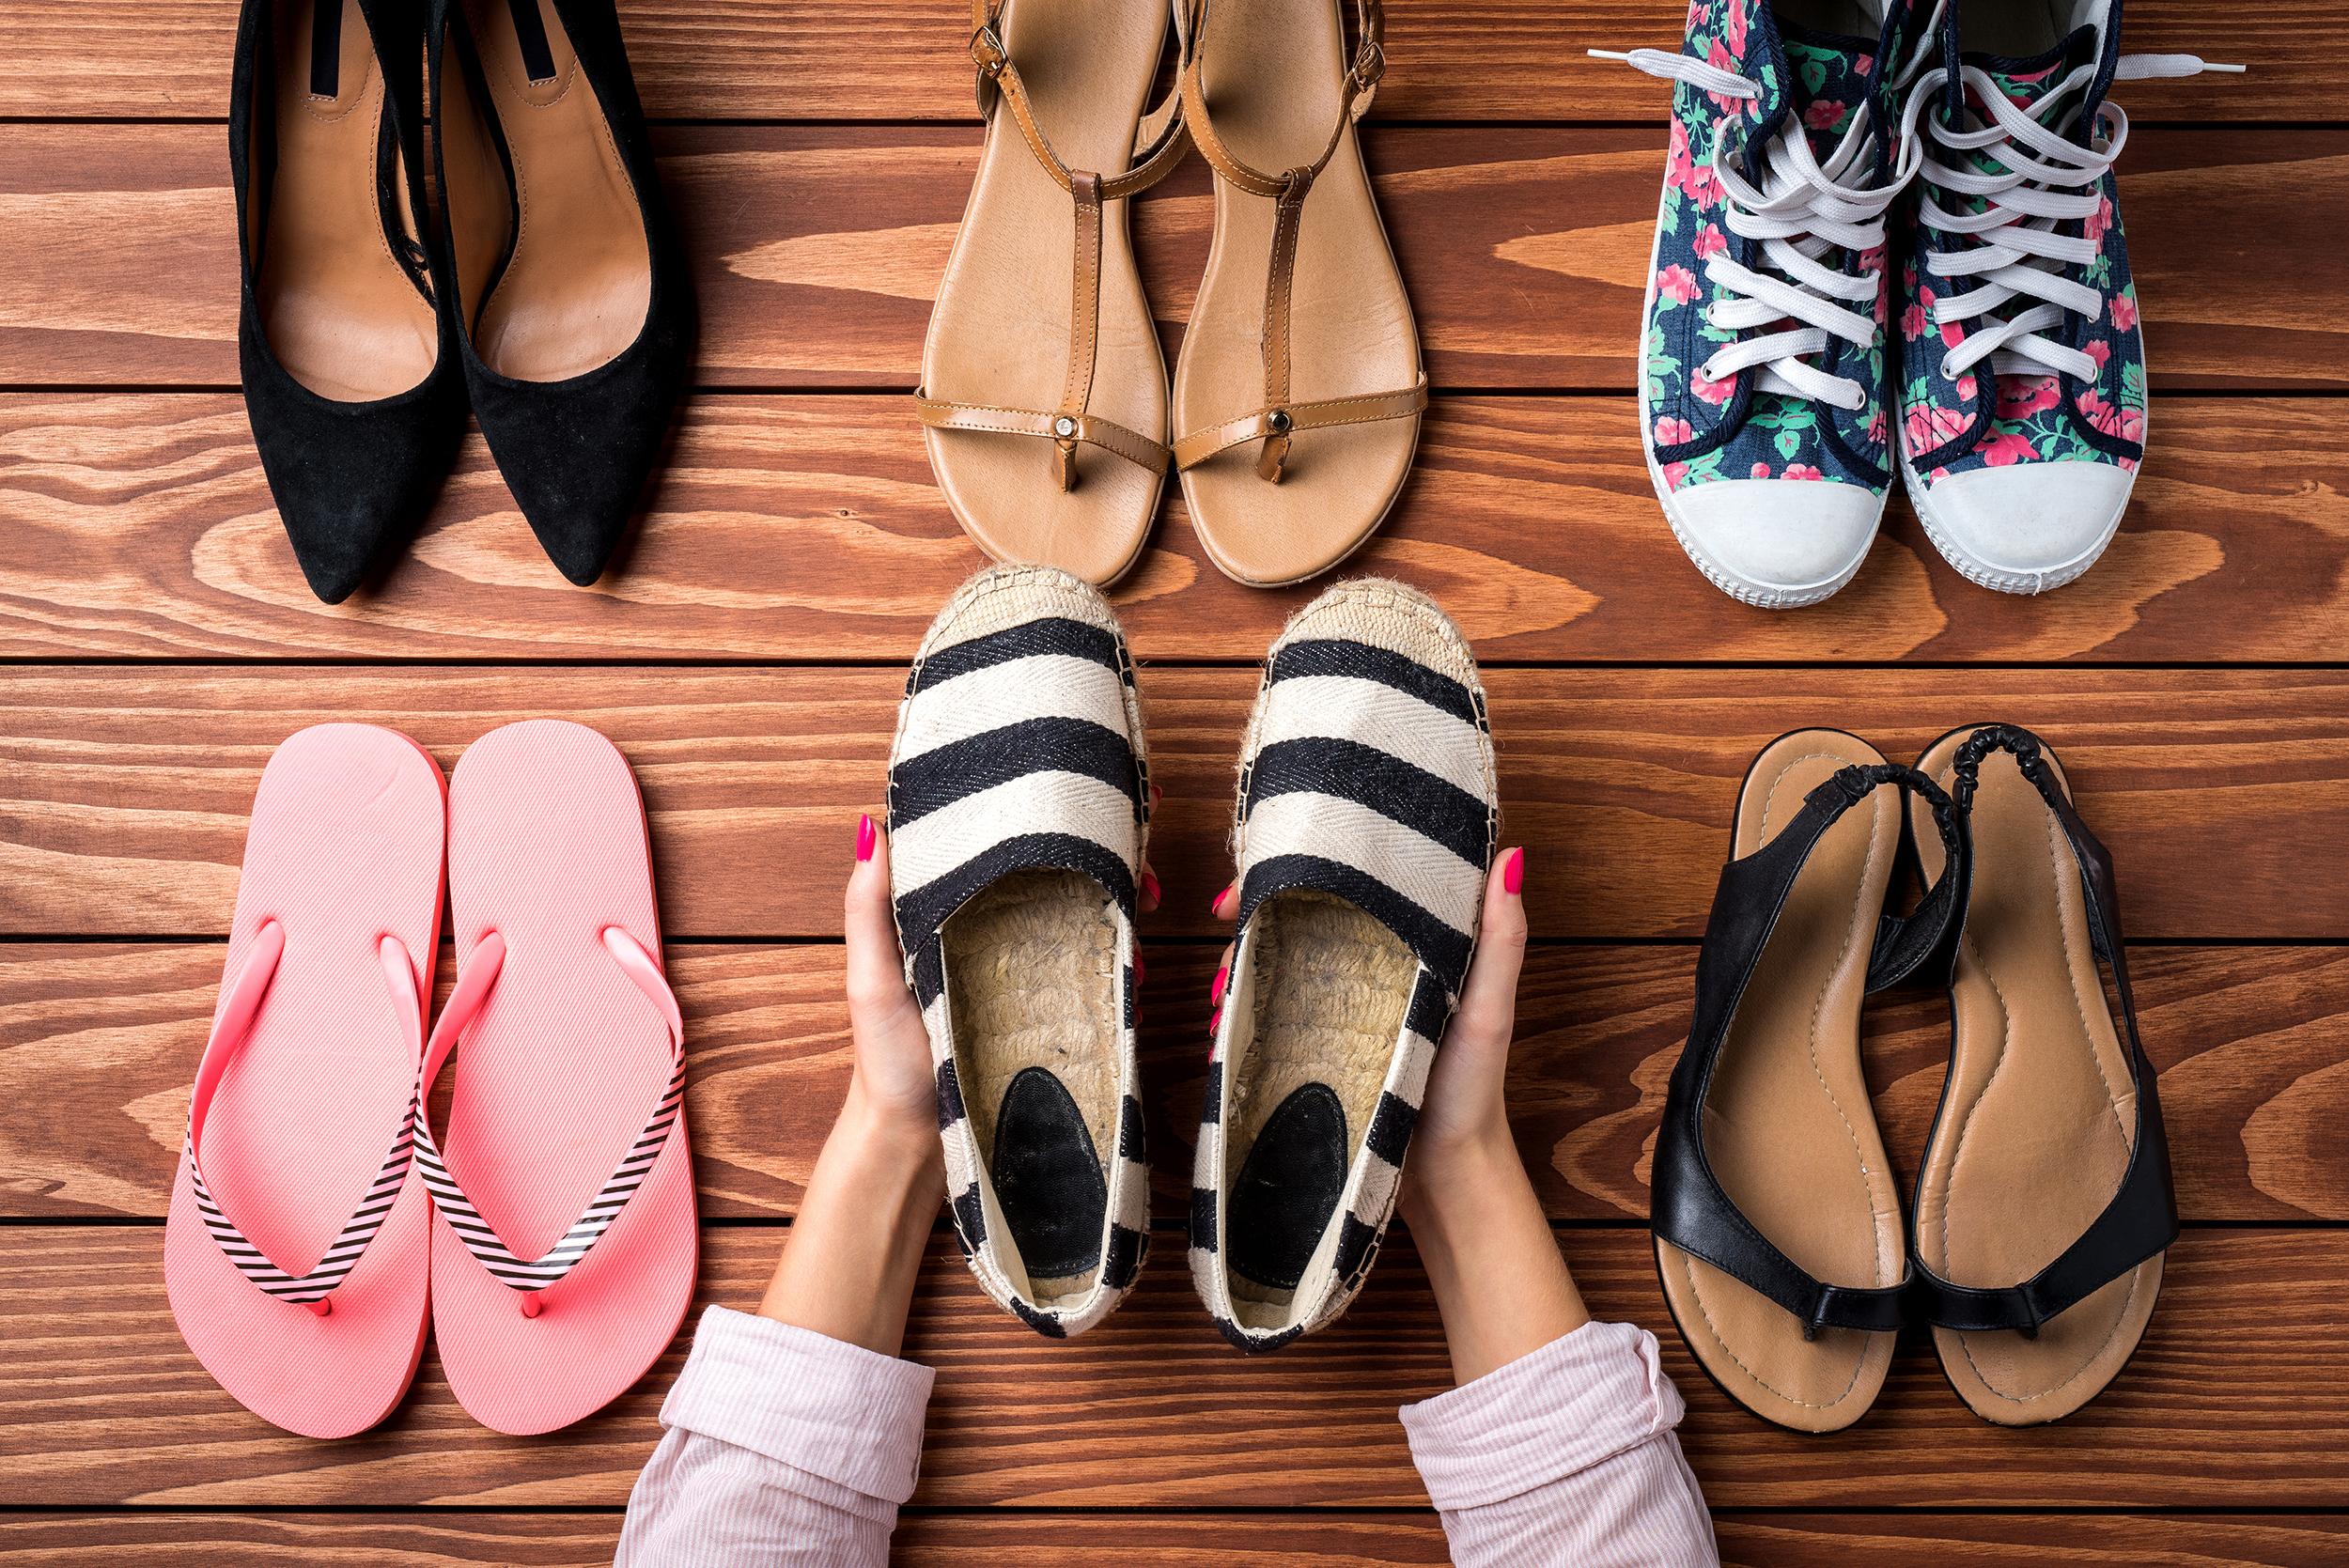 Choosing summer footwear that looks and feels great